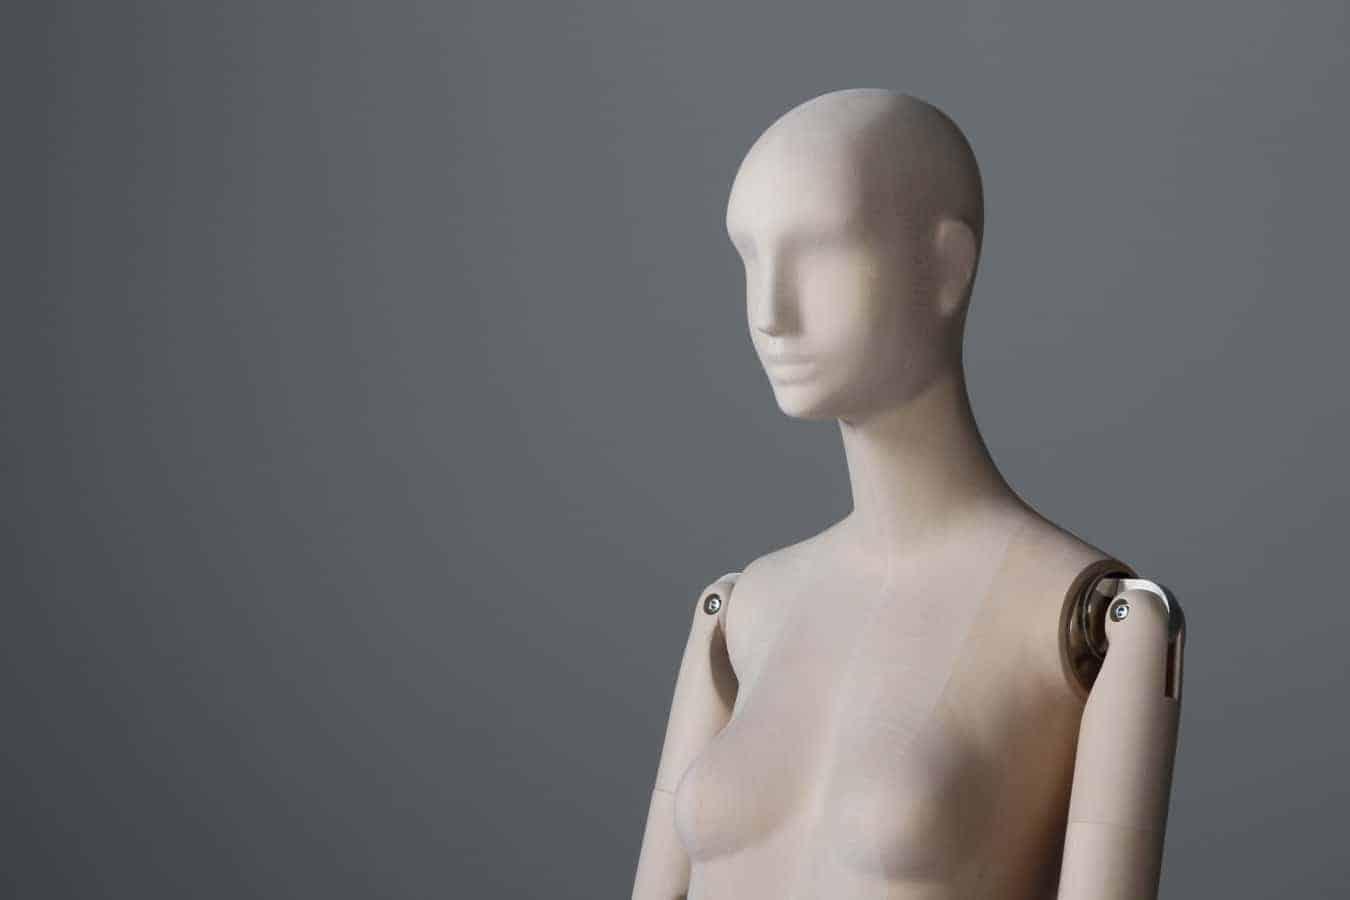 La Galerie Louis Vuitton - Bespoke Schläppi Mannequins